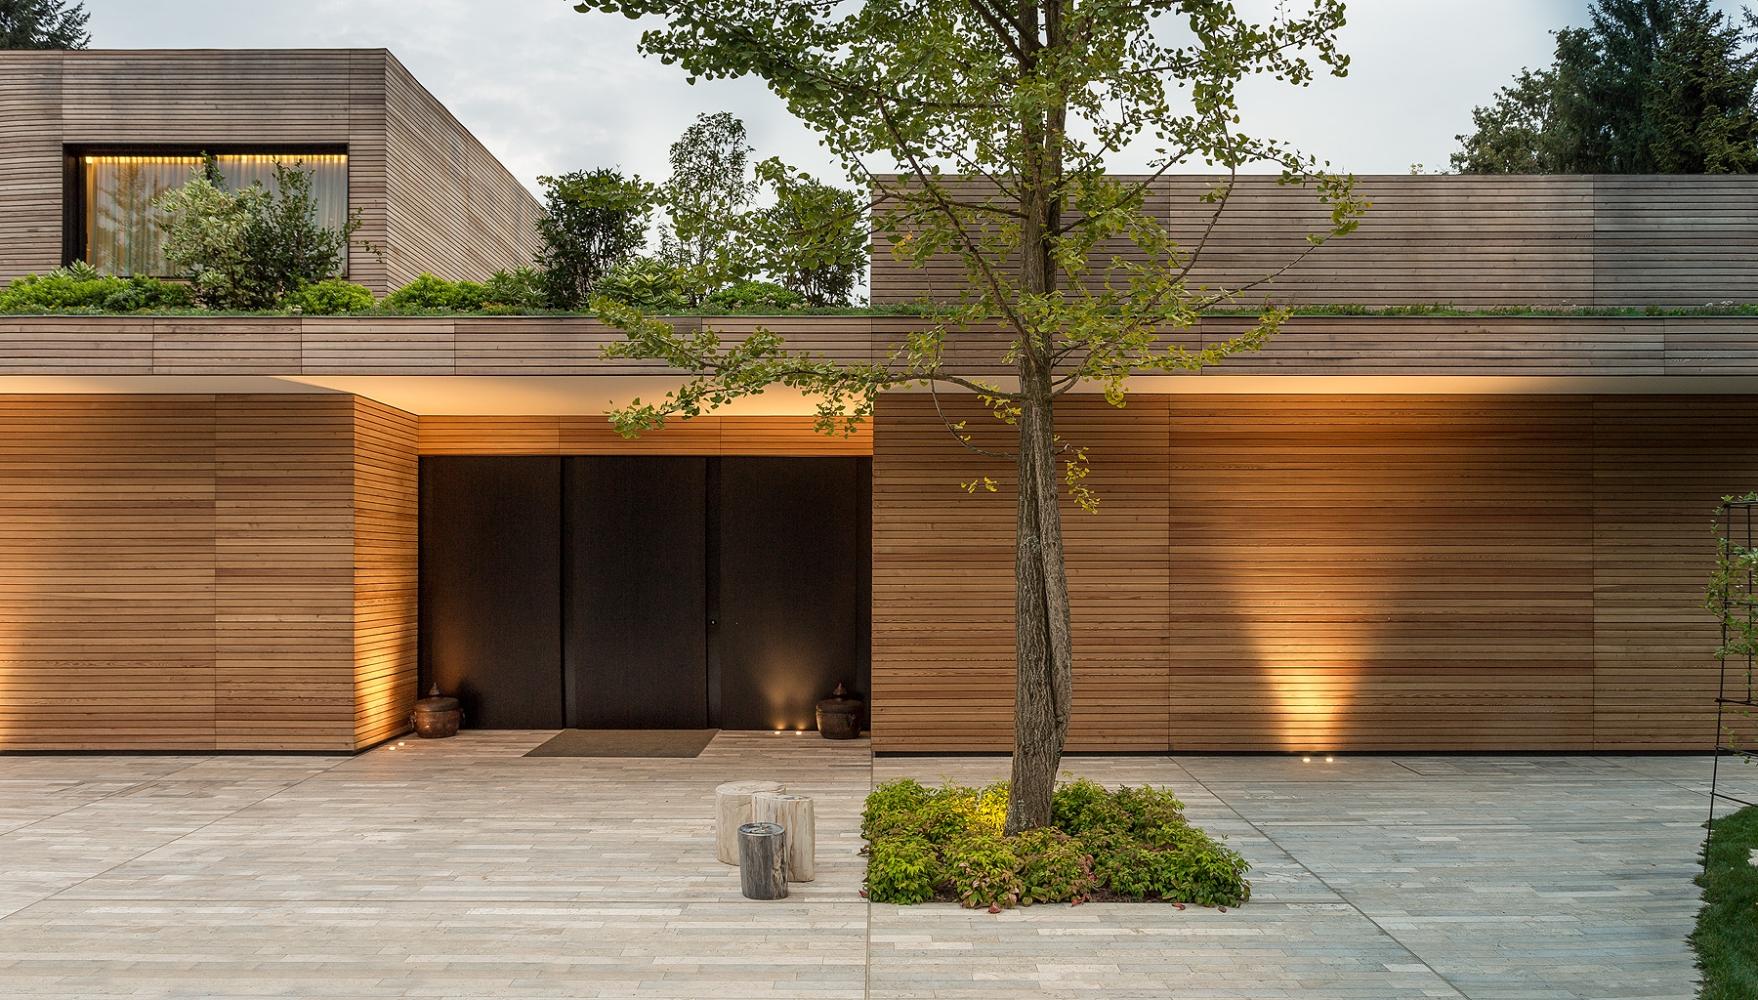 Villa prefabbricata interamente in legno monza brianza - Foto di case moderne esterni ...